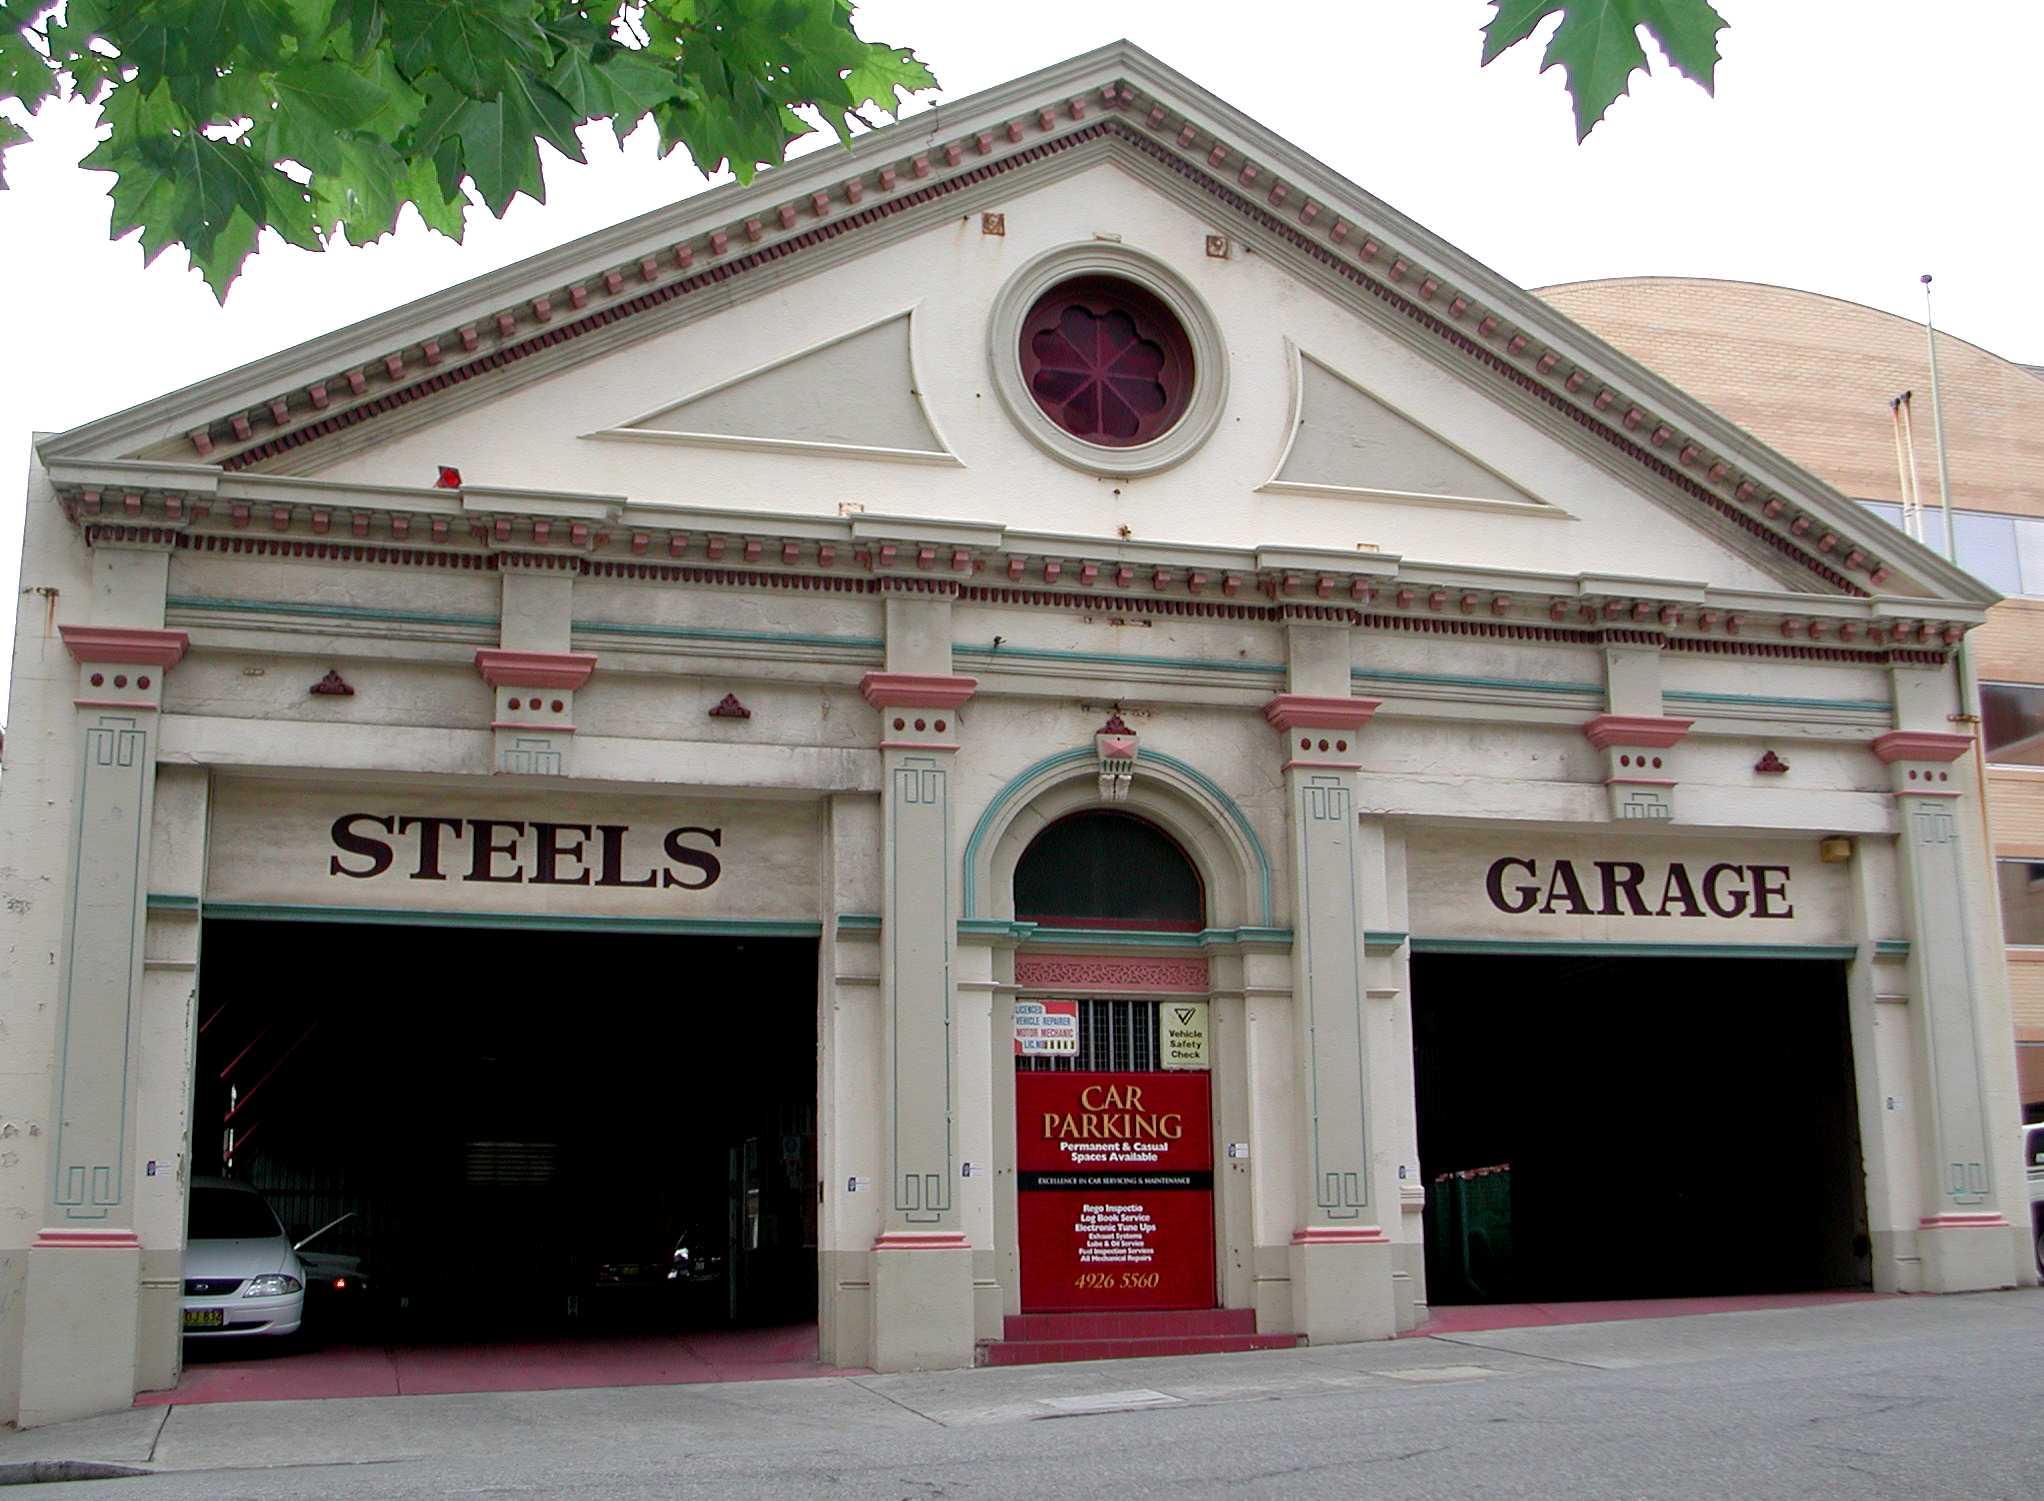 steelsgarage bolton st.jpg